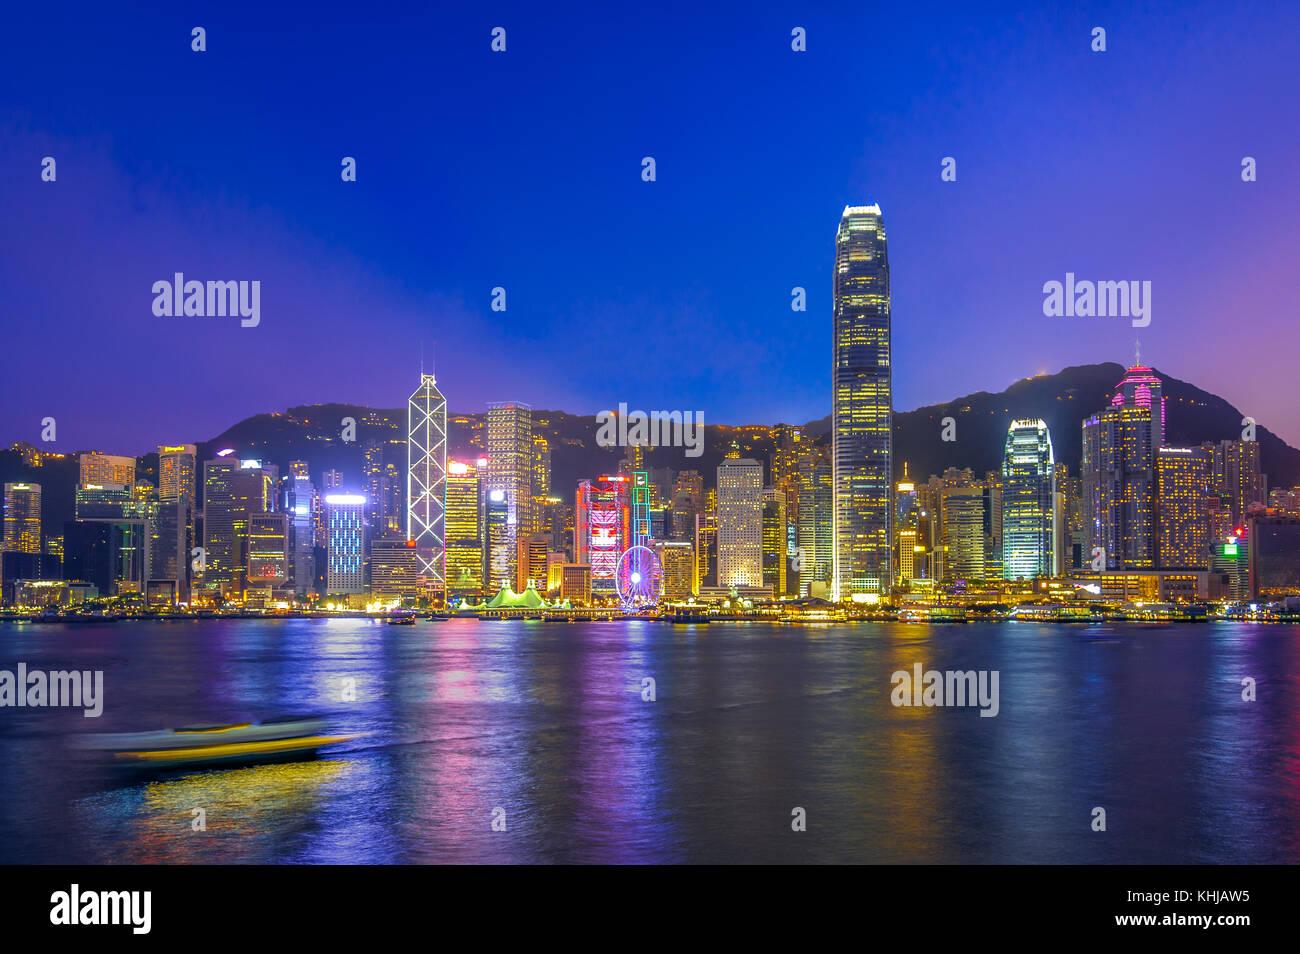 night view of victoria harbor, hongkong - Stock Image